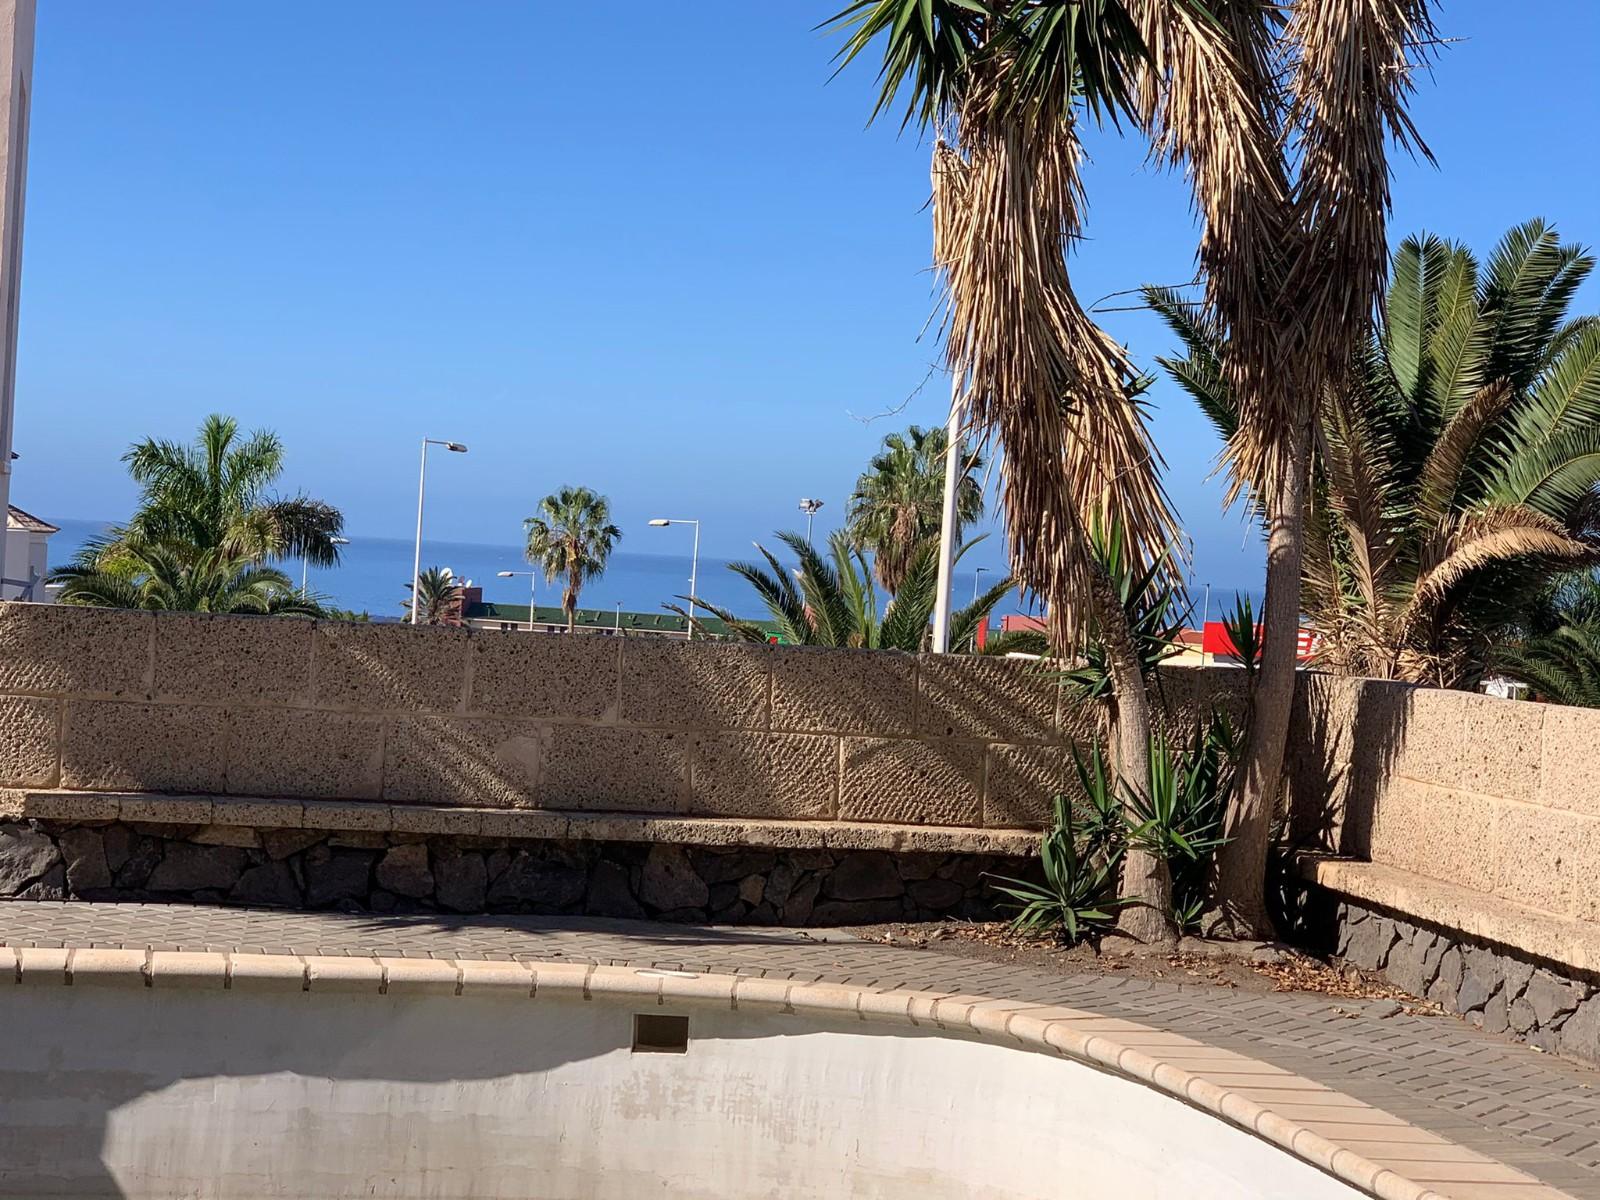 RV-5691P-CC : Вилла рядом с пляжем в Тенерифе